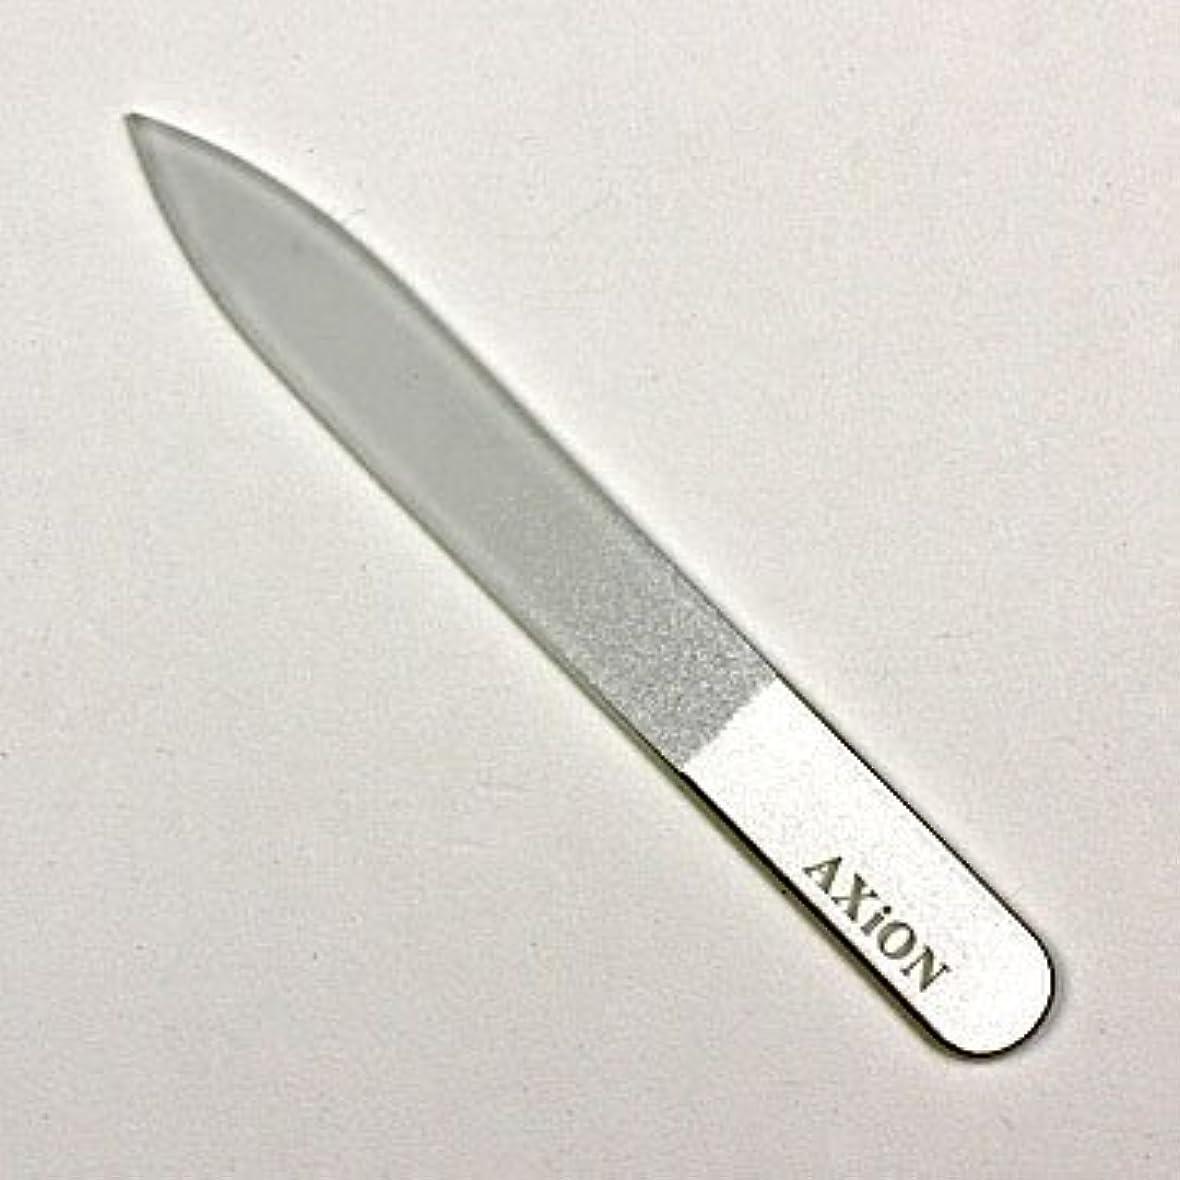 ひいきにする厚くするさせるチェコ製 AXiON(アクシオン)ガラス製爪ヤスリ(シルバー)両面タイプ #slg009565fba